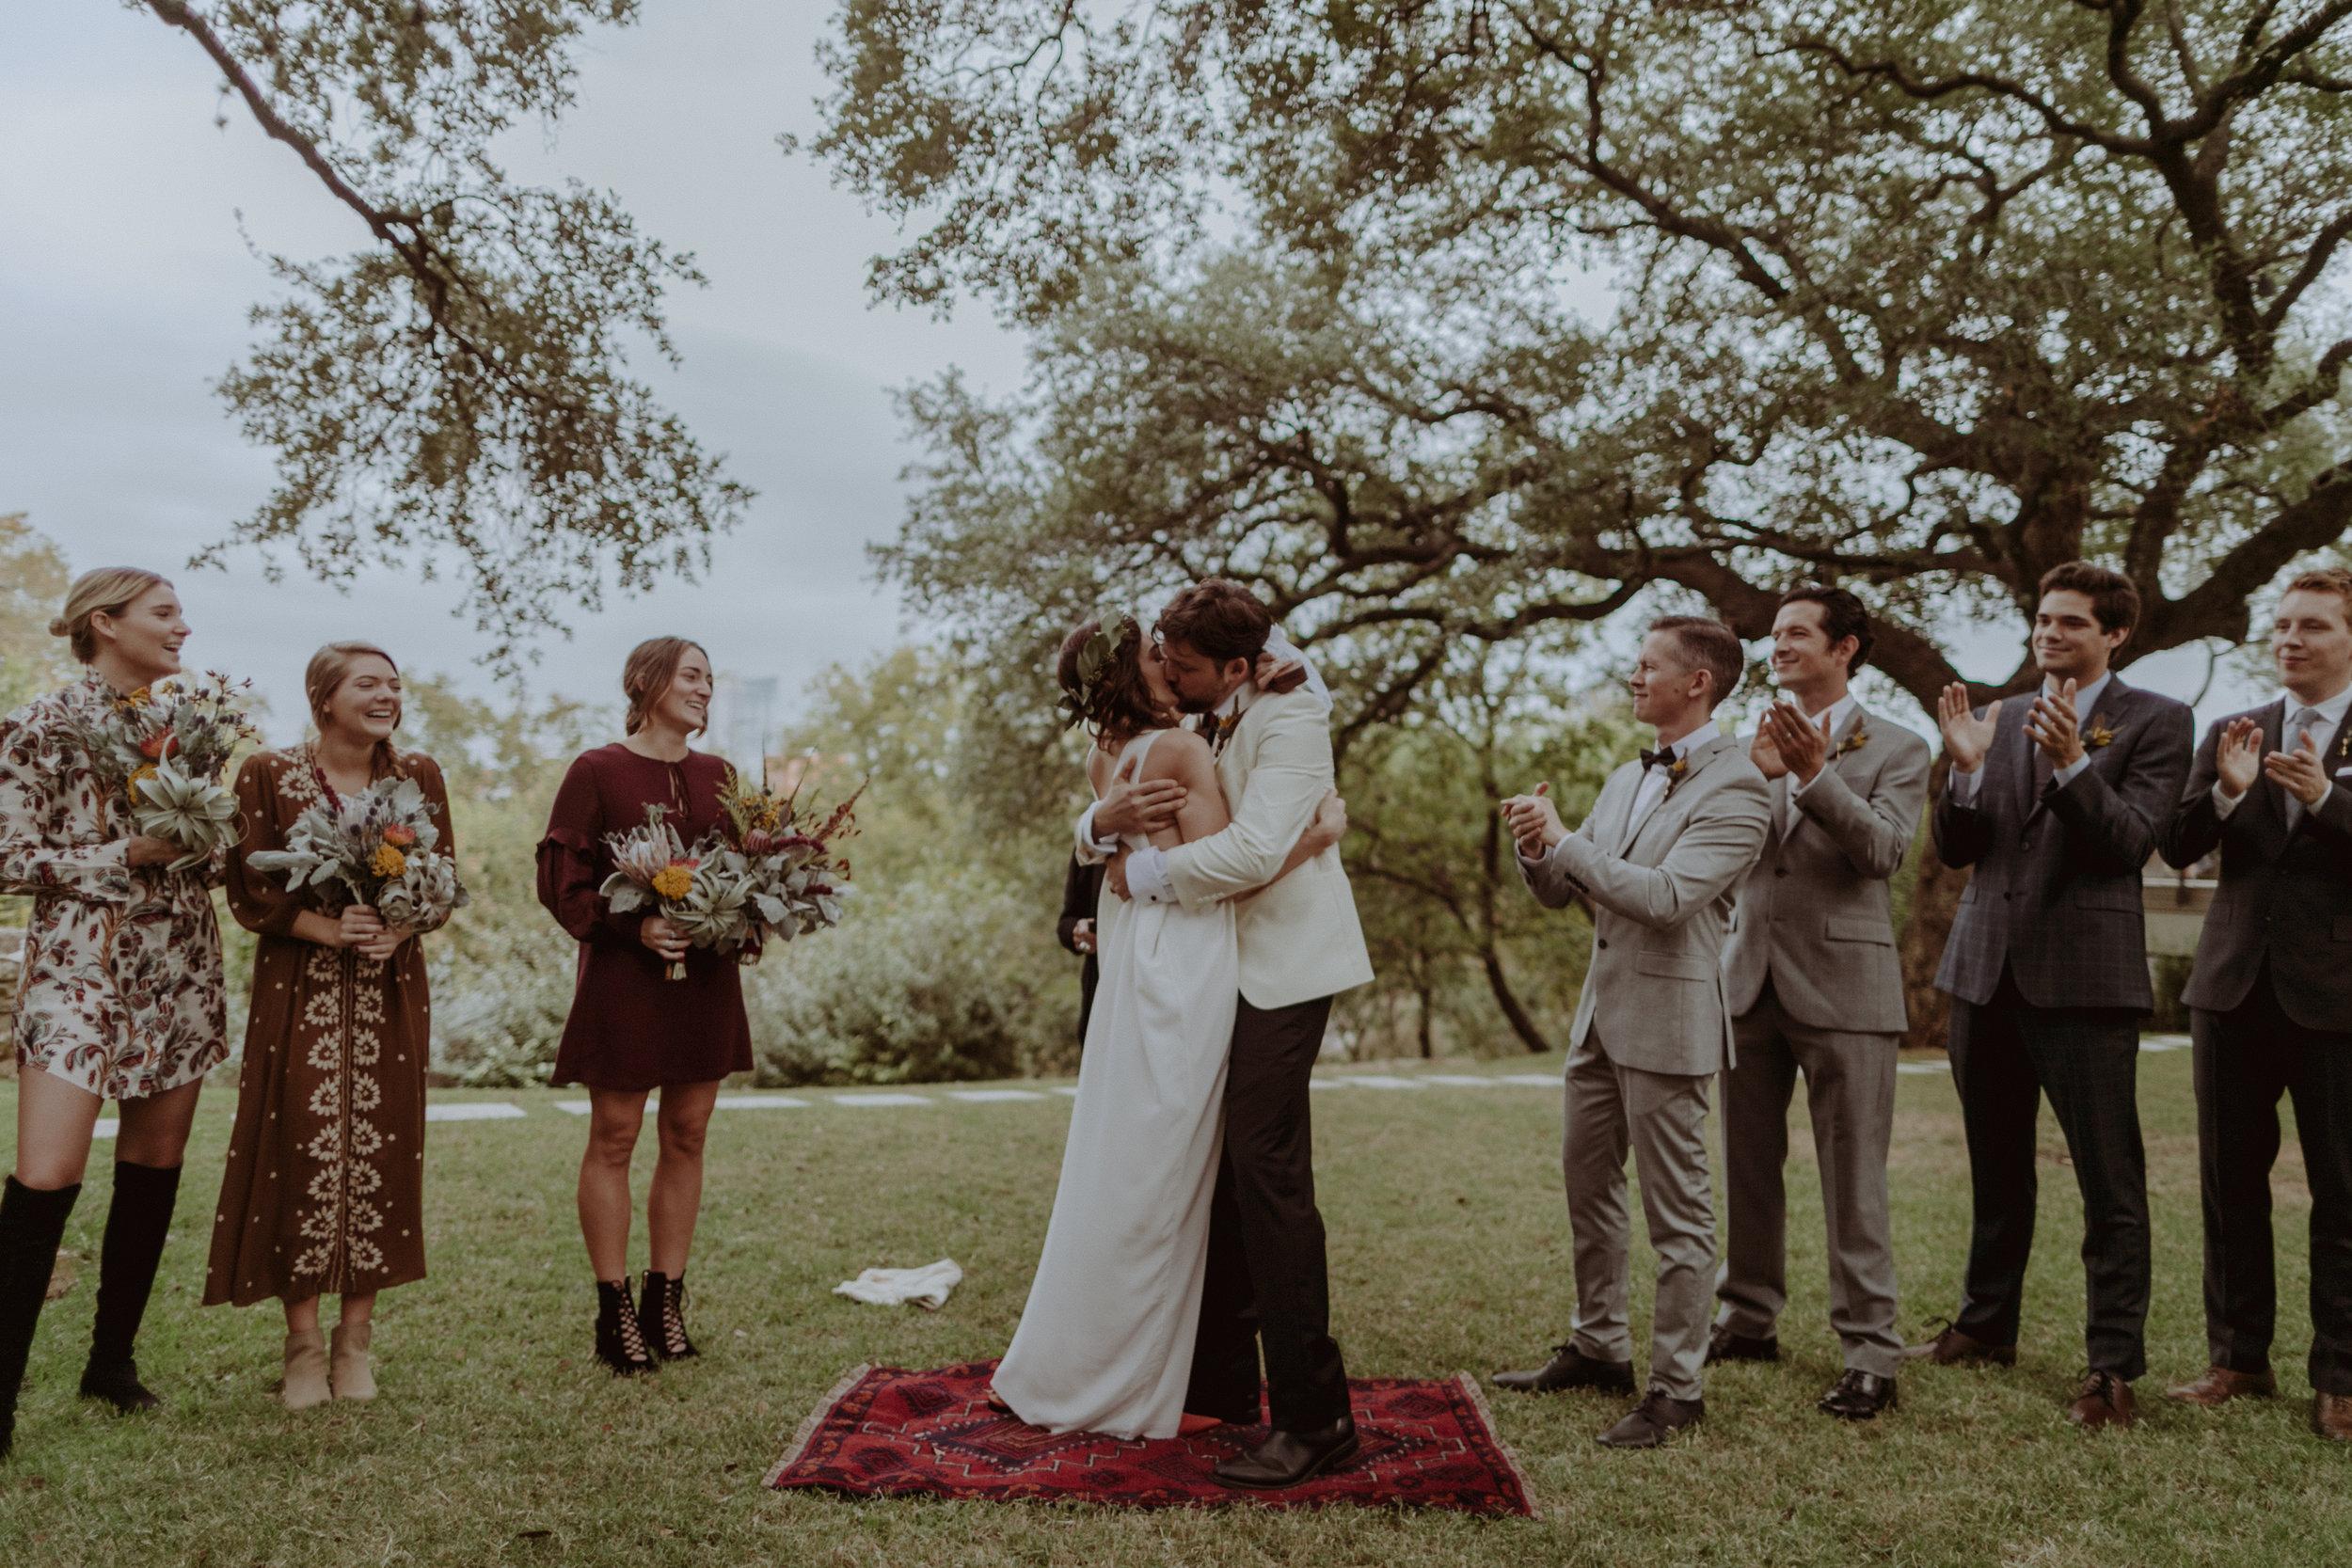 Meagan-Scott-Ceremony-215.jpg